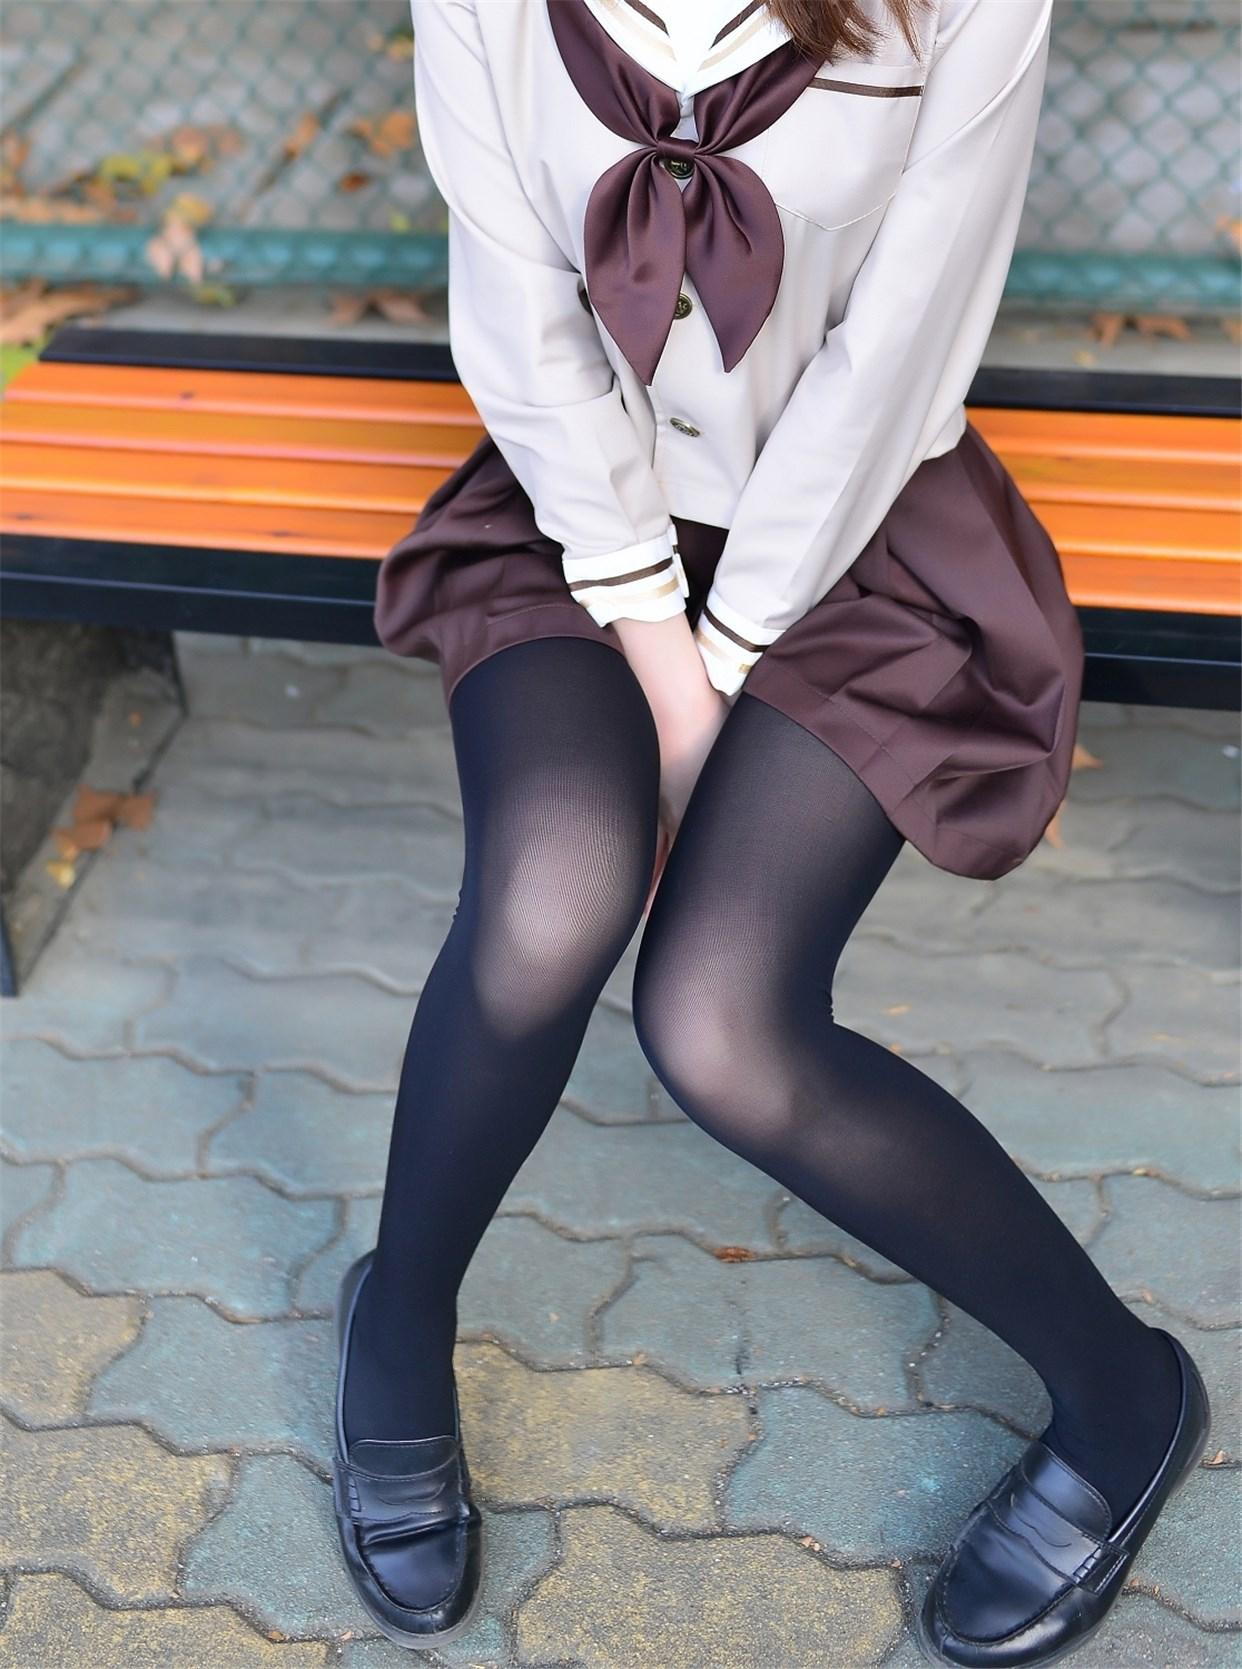 【兔玩映画】冬天里的JK黑丝 兔玩映画 第13张